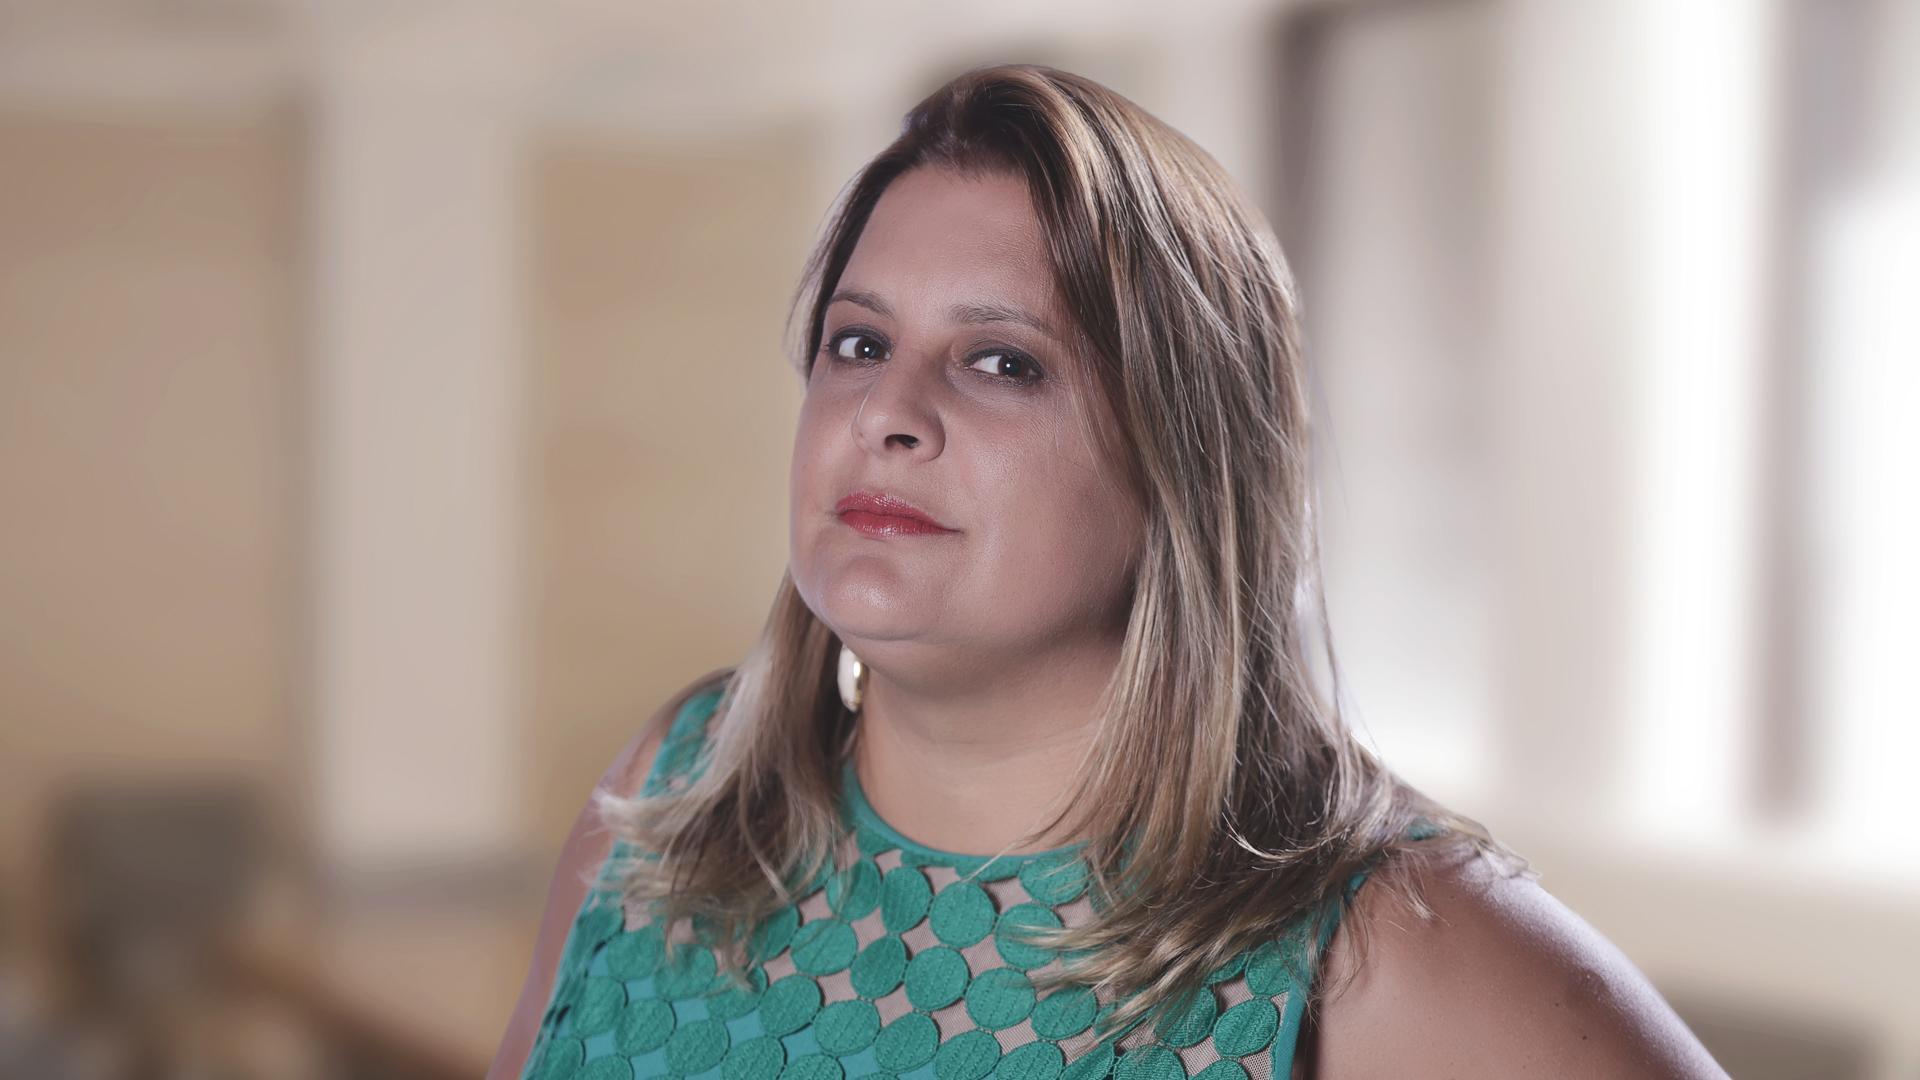 REPORTAGEM ESPECIAL: Mulheres empreendedoras estão cada vez mais atuantes no mercado de trabalho